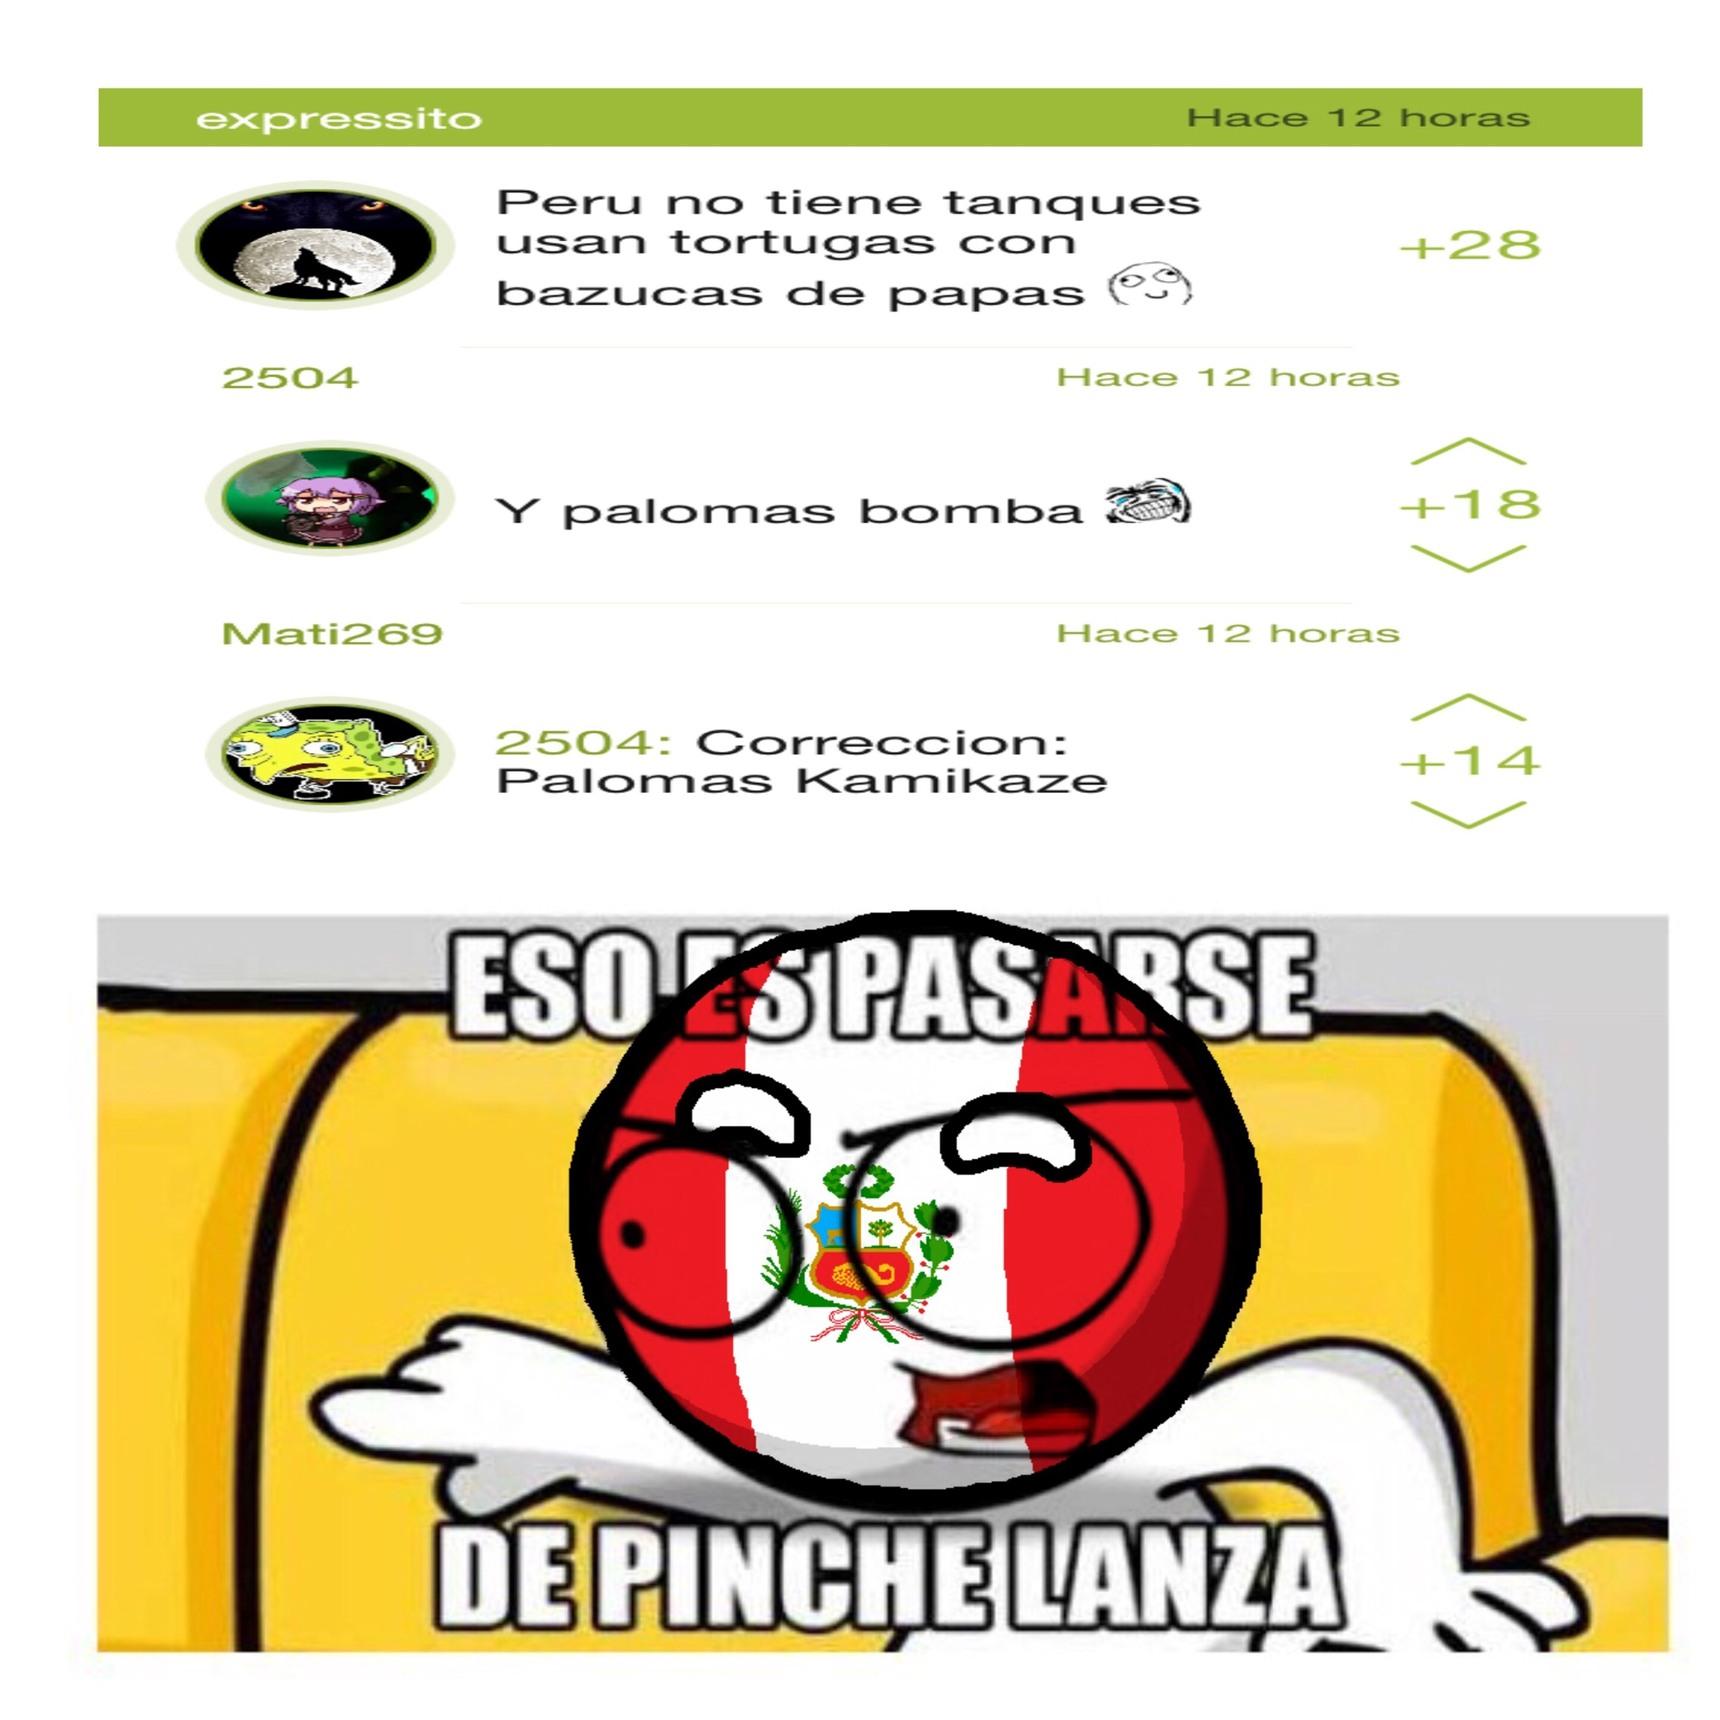 Perdón por superponer la countryball de Perú, no sé cómo se utilizan todas las herramientas (espero no ofender, Viva Perú) - meme